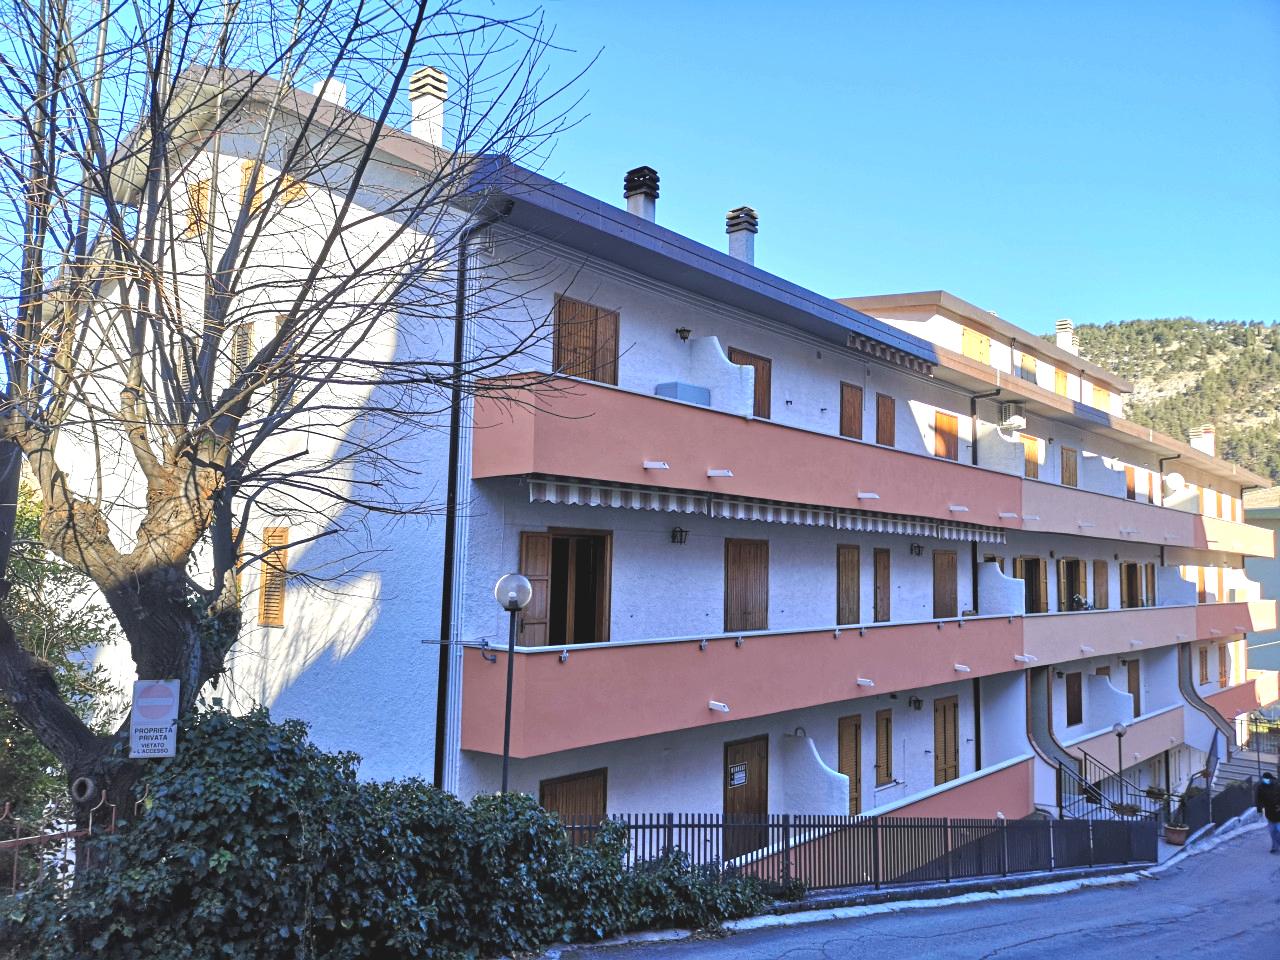 Caramanico Terme - Appartamento 2 camere